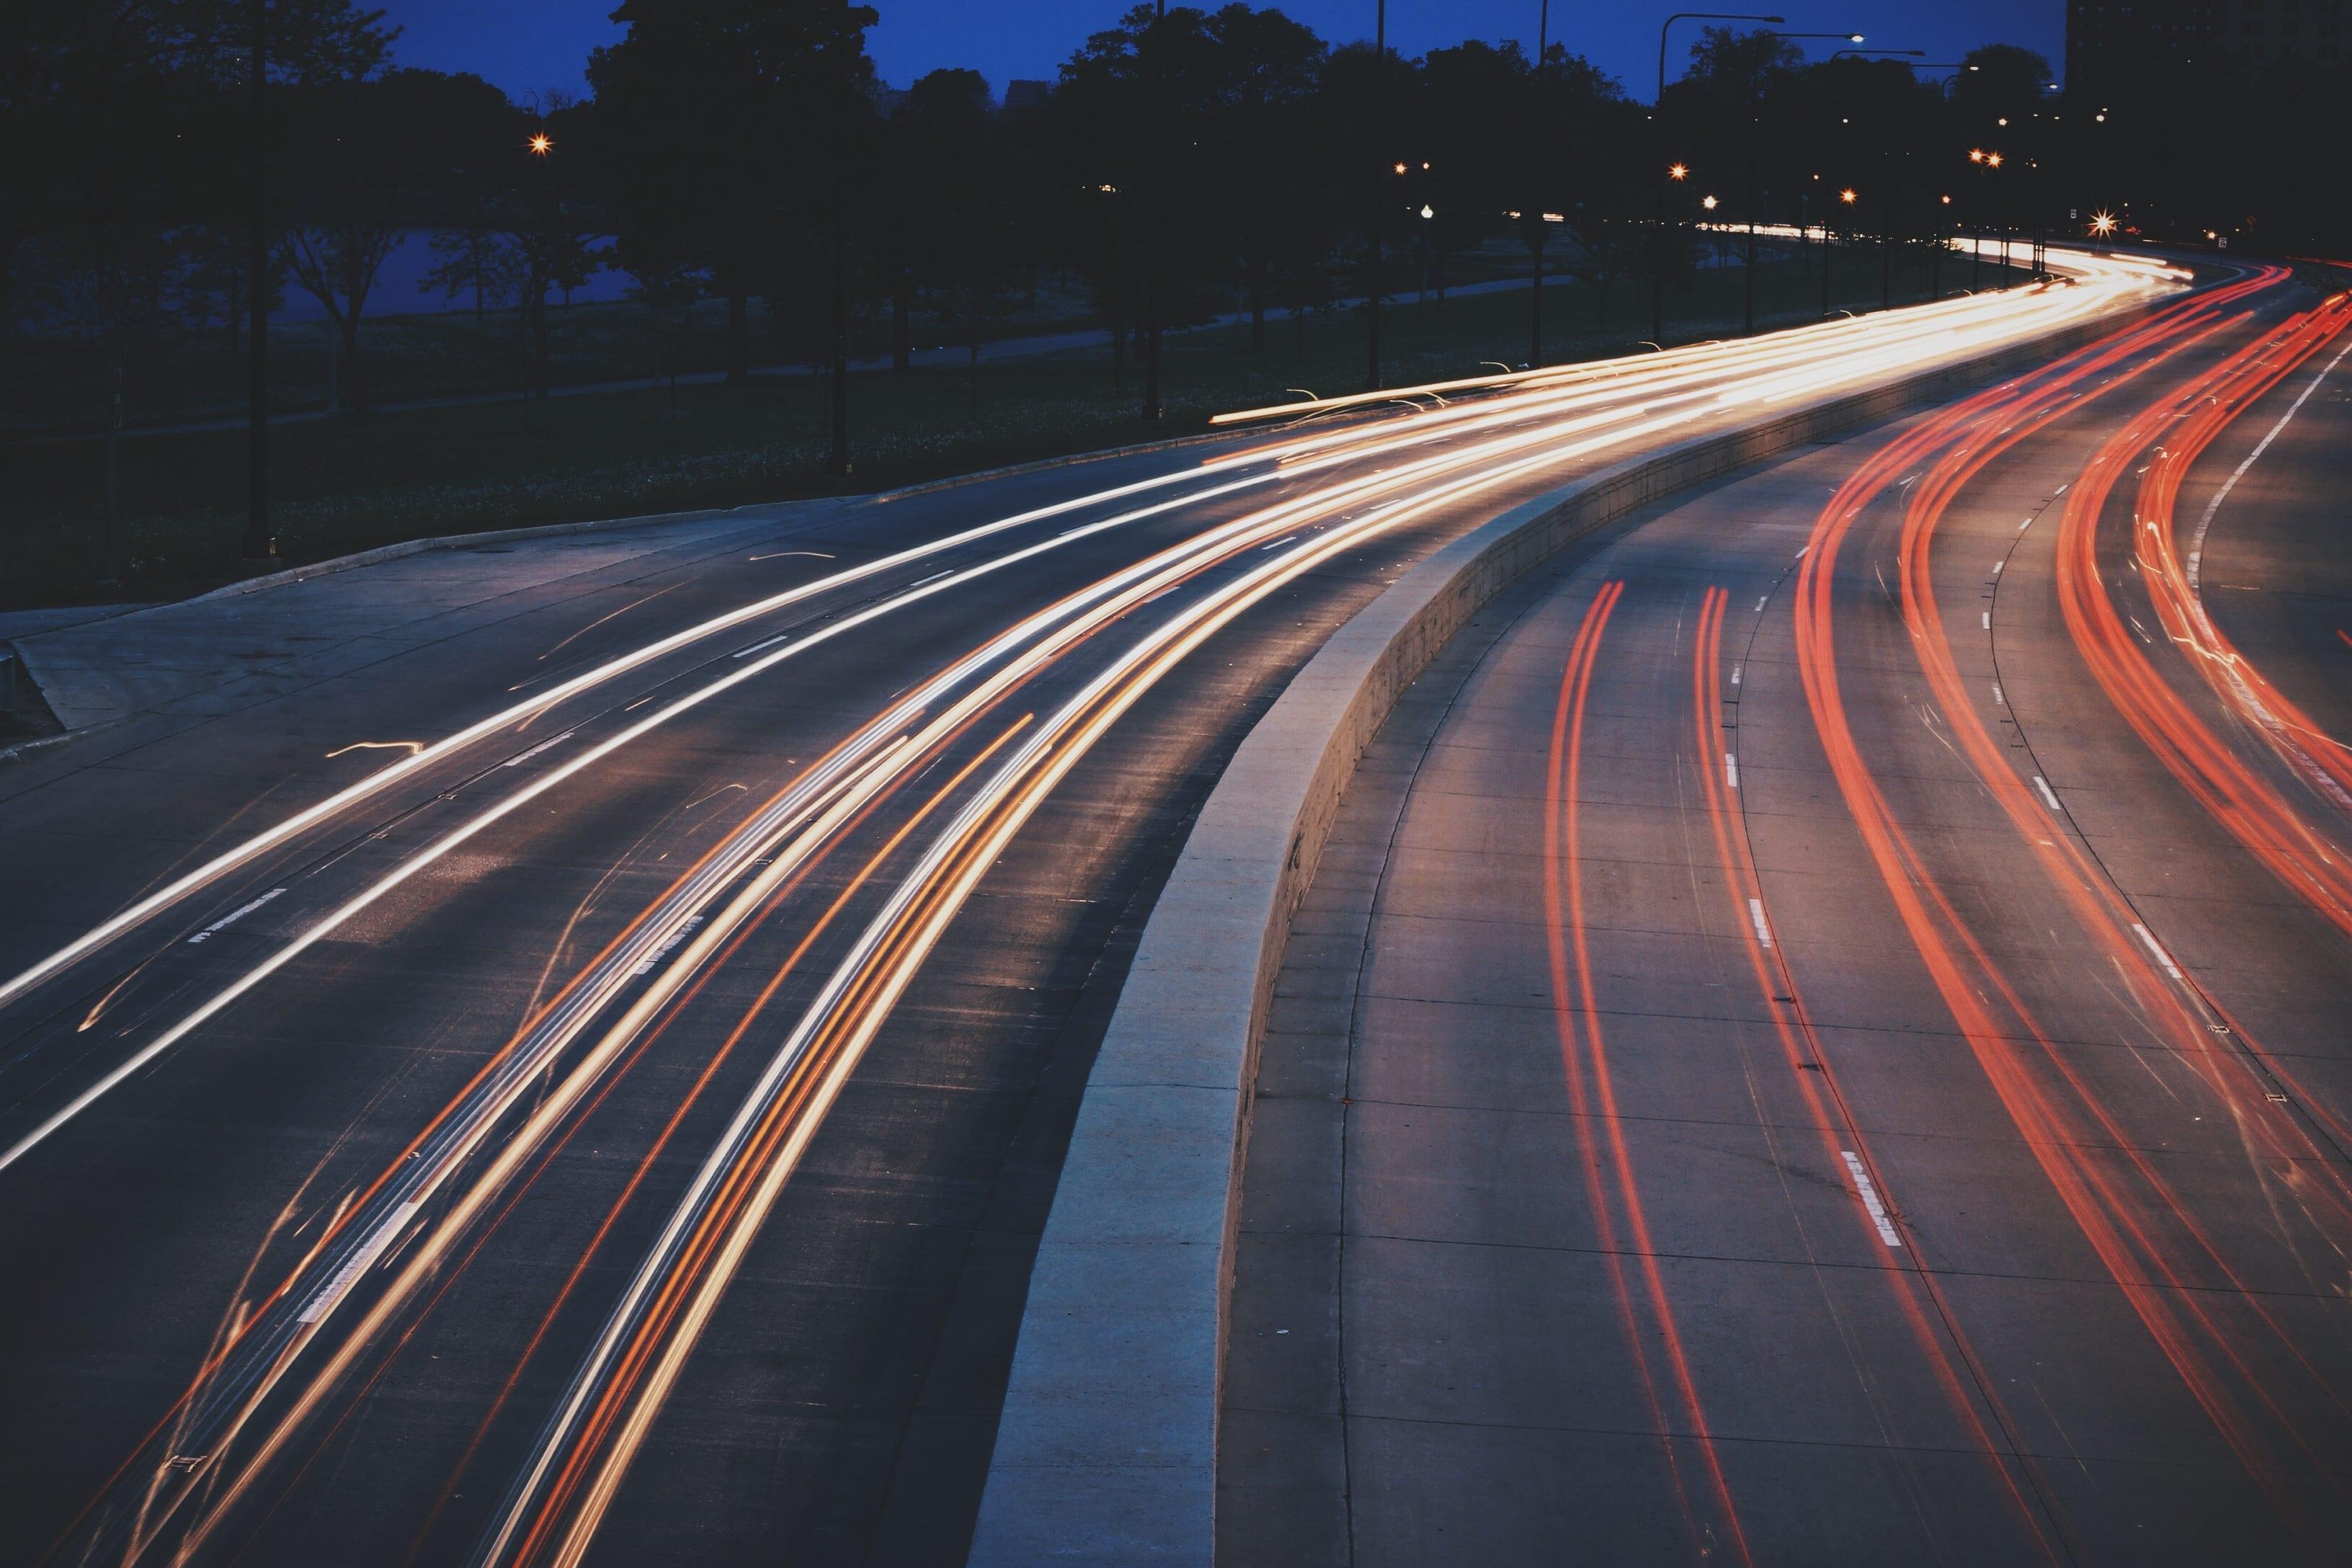 Vinli raises $6.5 million to provide in-car apps